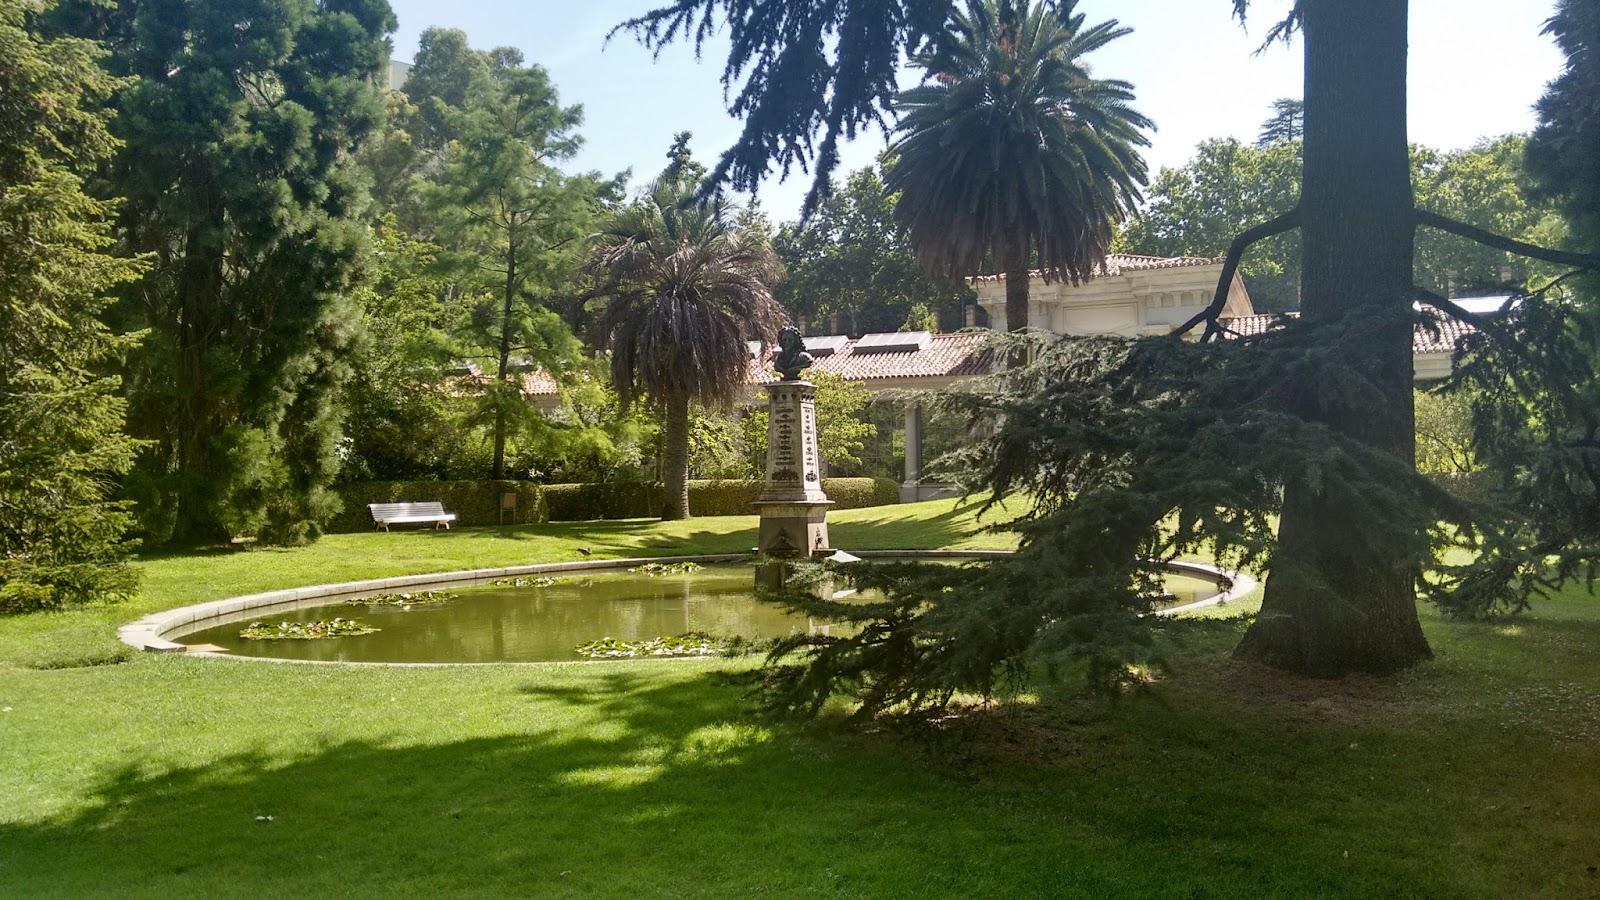 El jardin botanico madrid y sus cosas for El jardin botanico